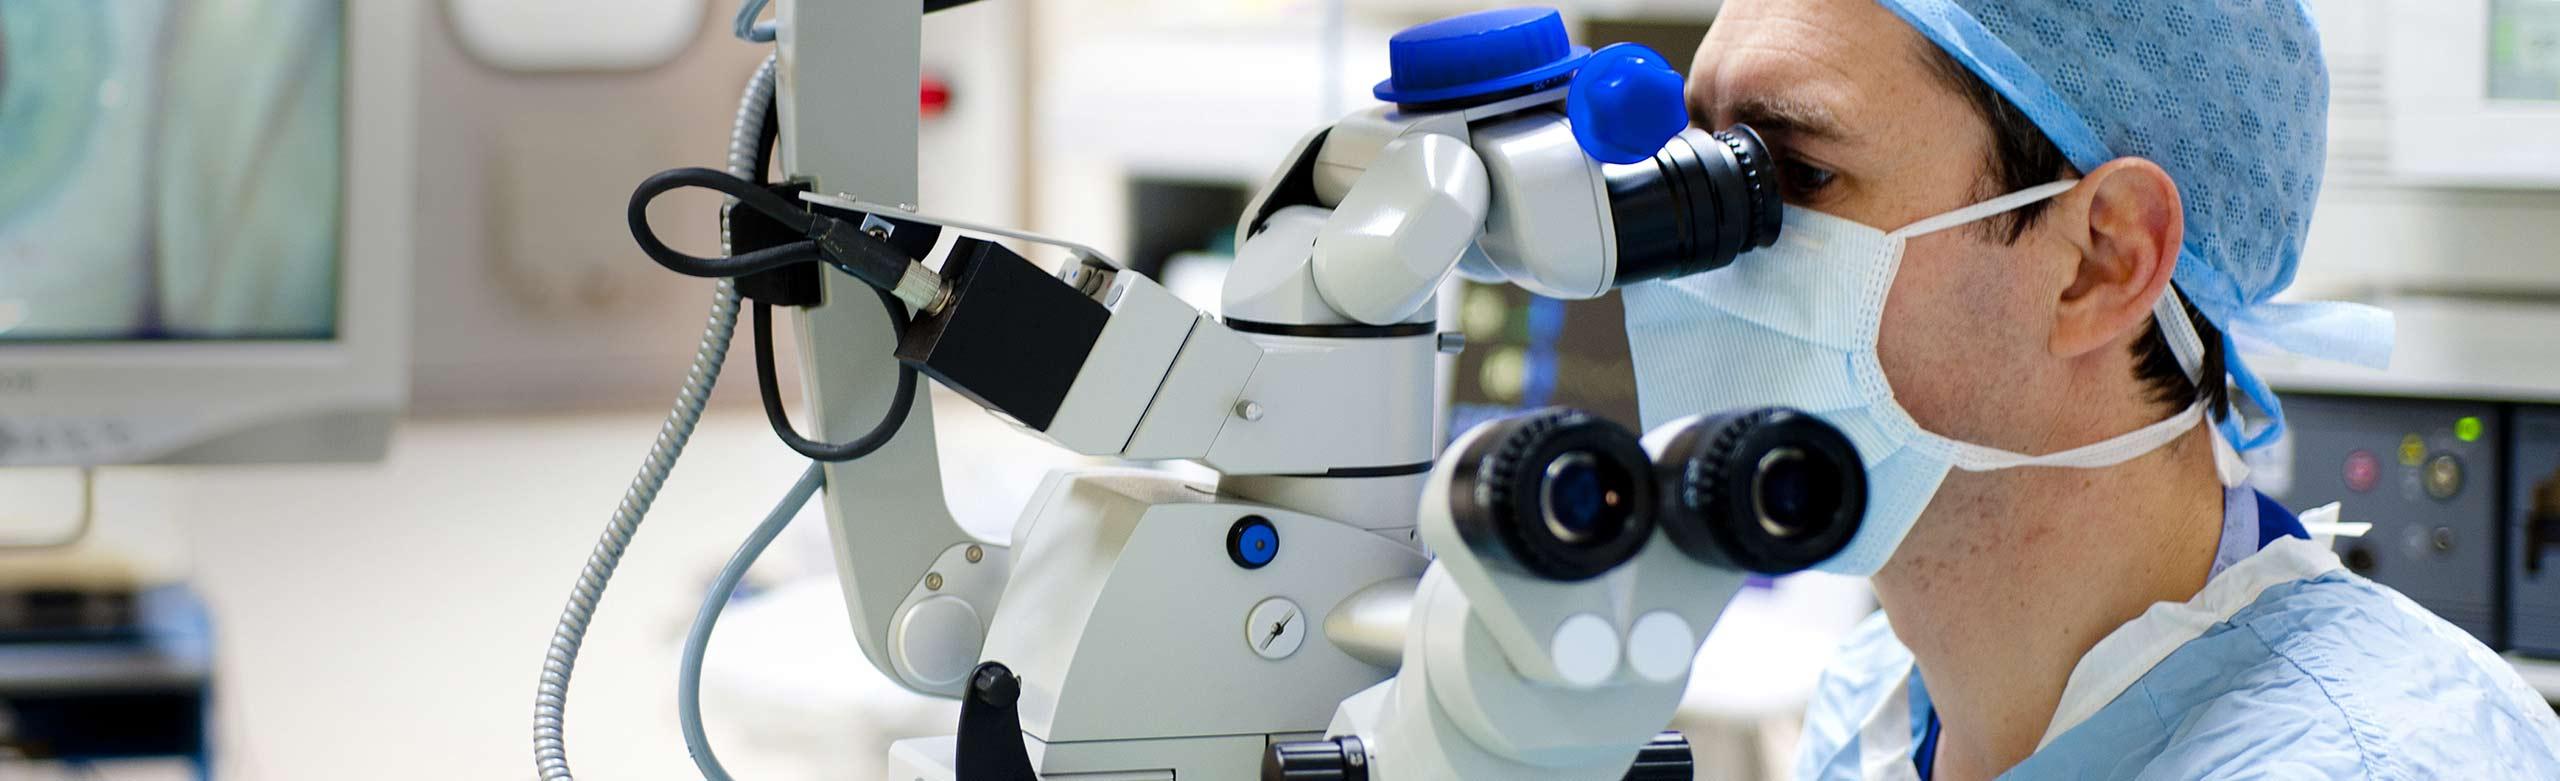 Cirurgião oftalmologista realizando uma cirurgia de catarata